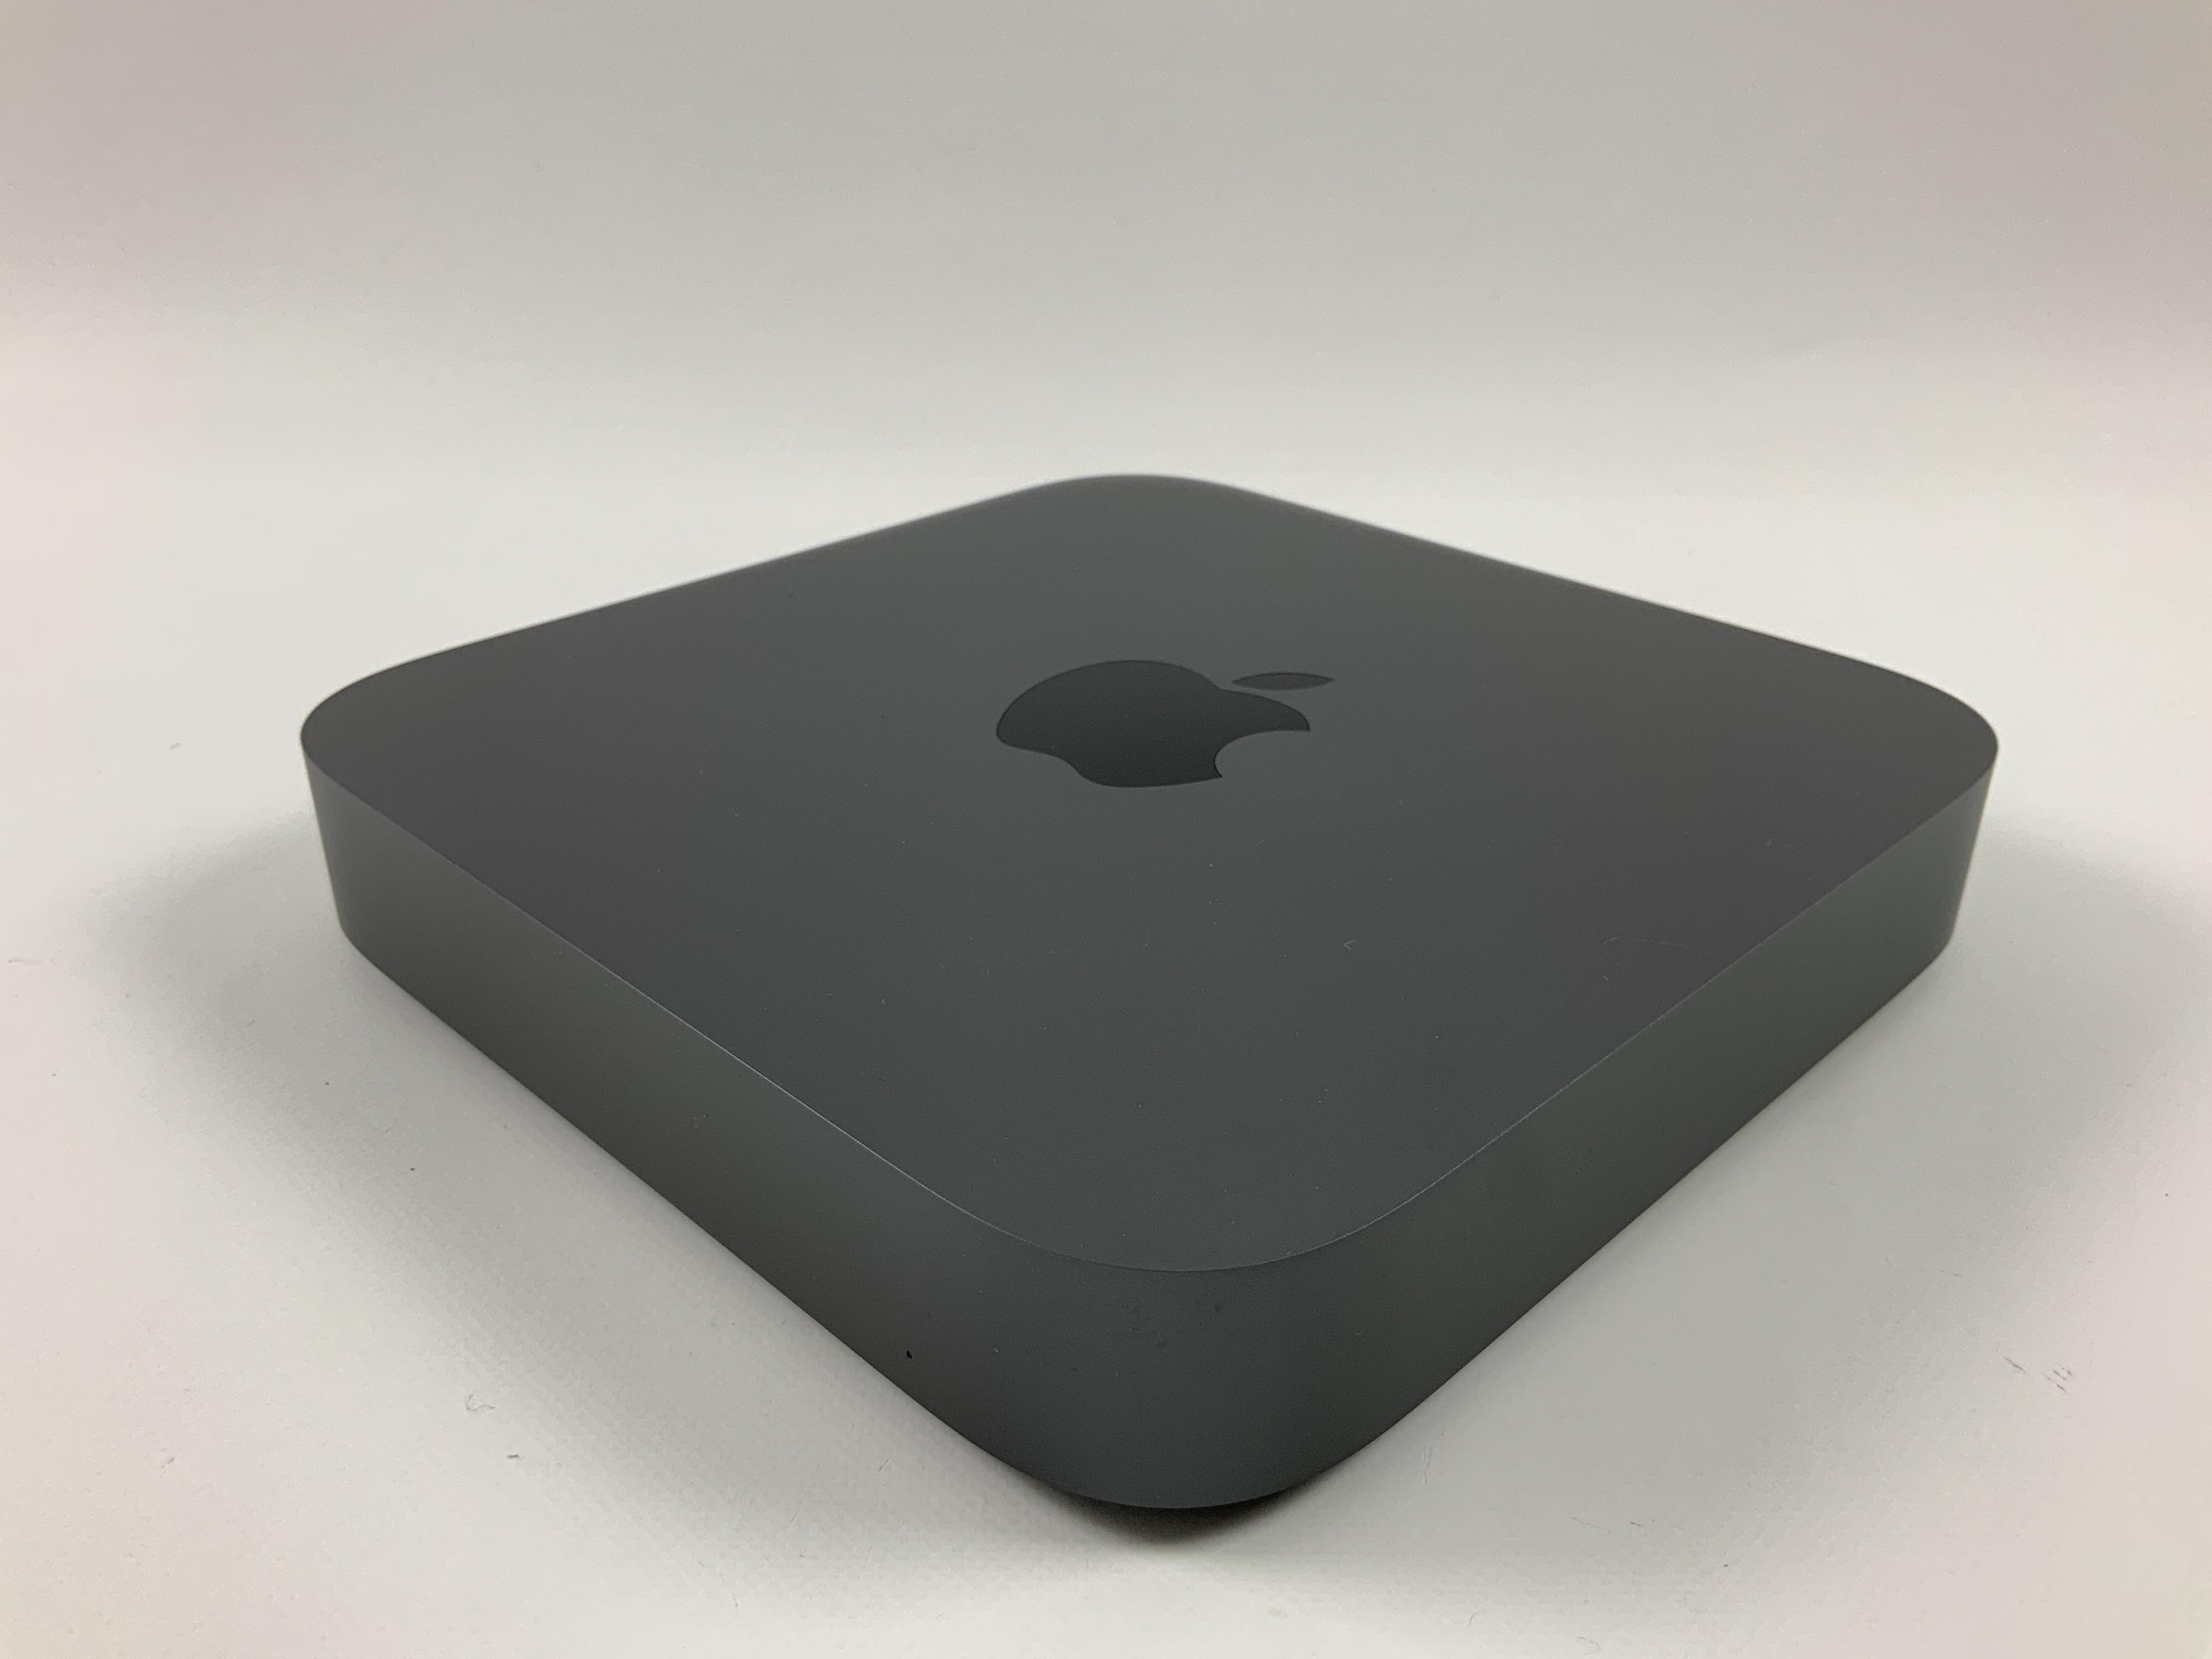 Mac Mini Late 2018 (Intel Quad-Core i3 3.6 GHz 64 GB RAM 256 GB SSD), Intel Quad-Core i3 3.6 GHz, 64 GB RAM, 256 GB SSD, Kuva 2